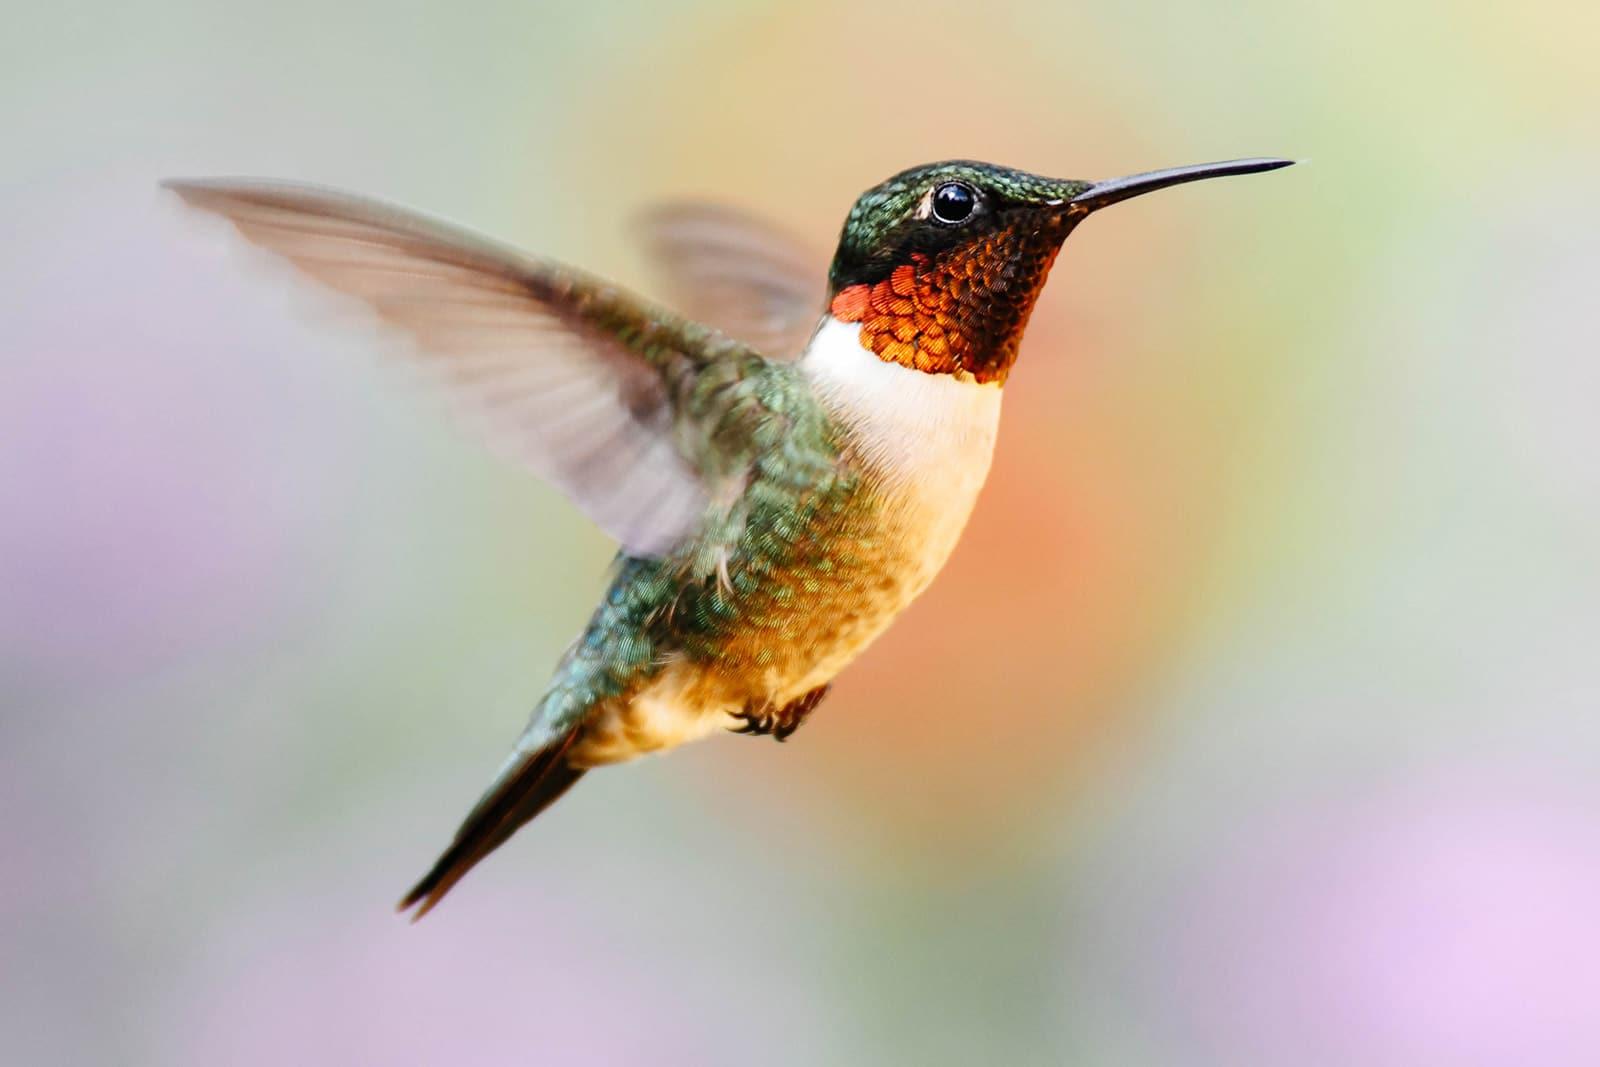 Close-up of hummingbird in mid-flight